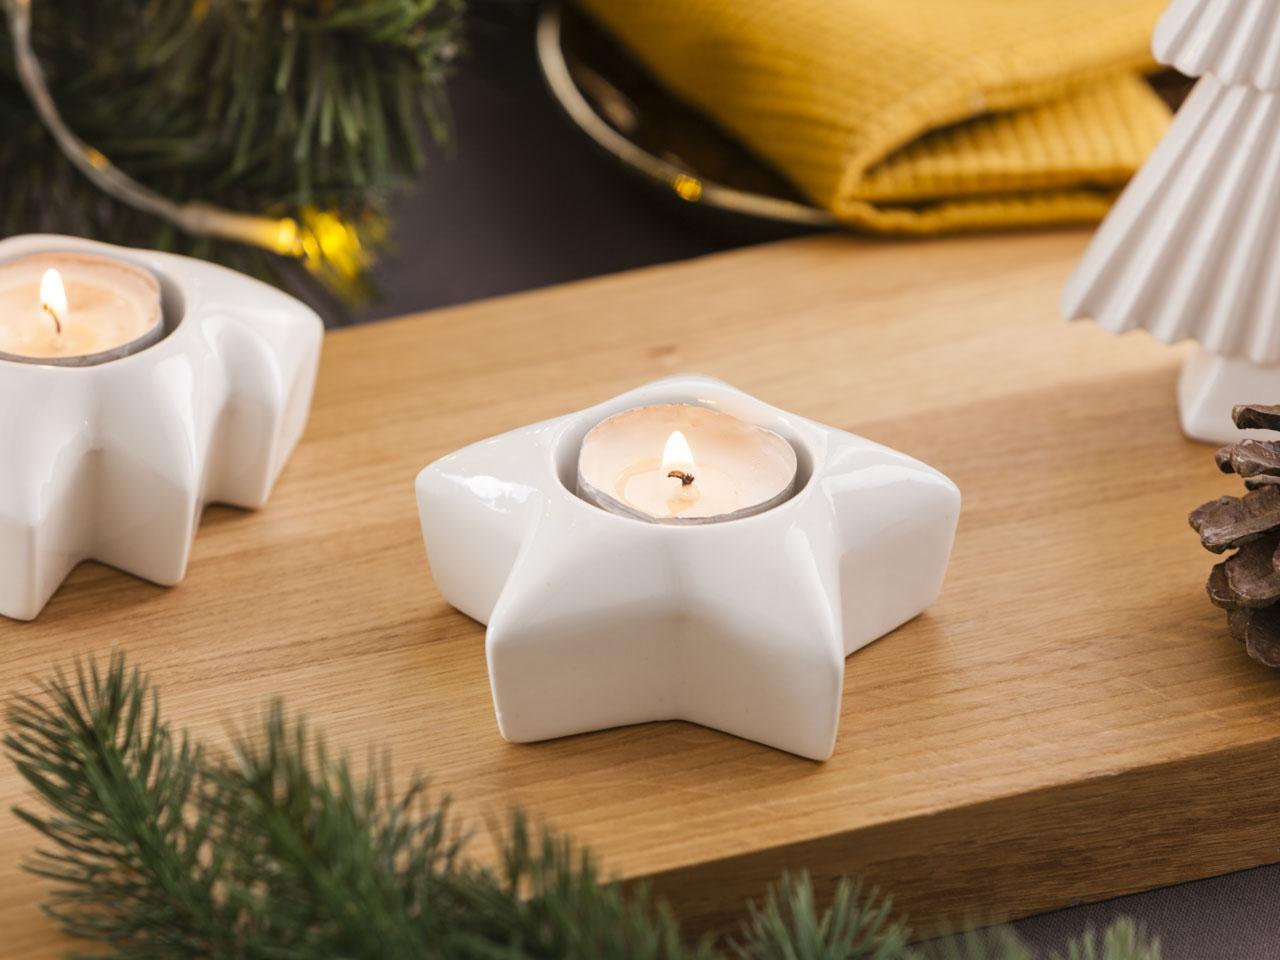 Świecznik porcelanowy świąteczny Boże Narodzenie Altom Design choinka/gwiazdka 4x10 cm (2 sztuki)